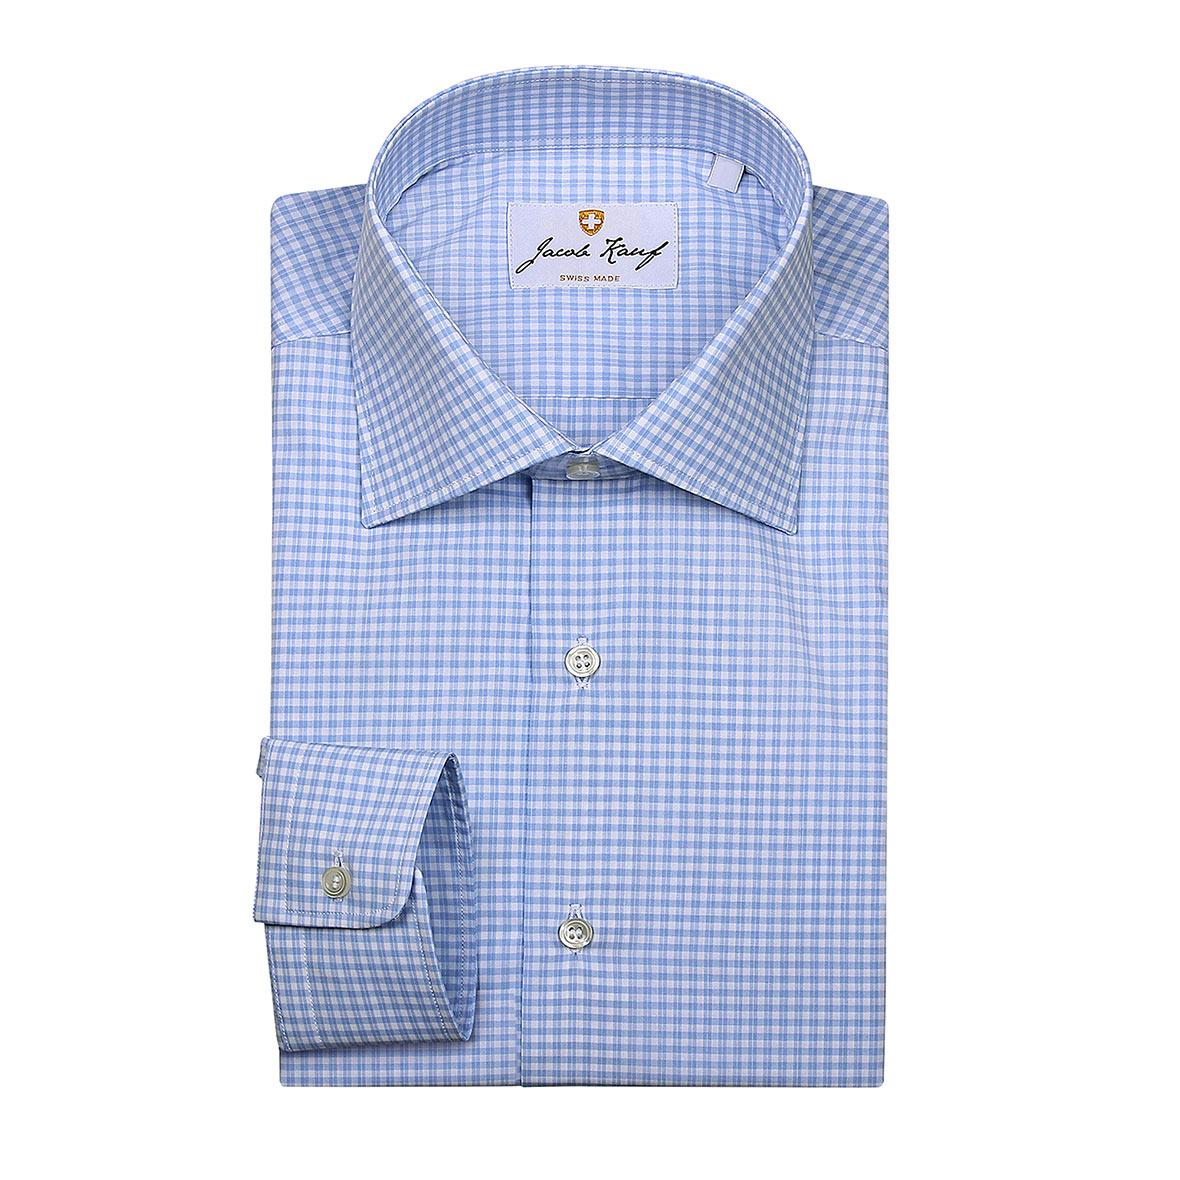 Blau-weiss kariertes Schweizer Hemd